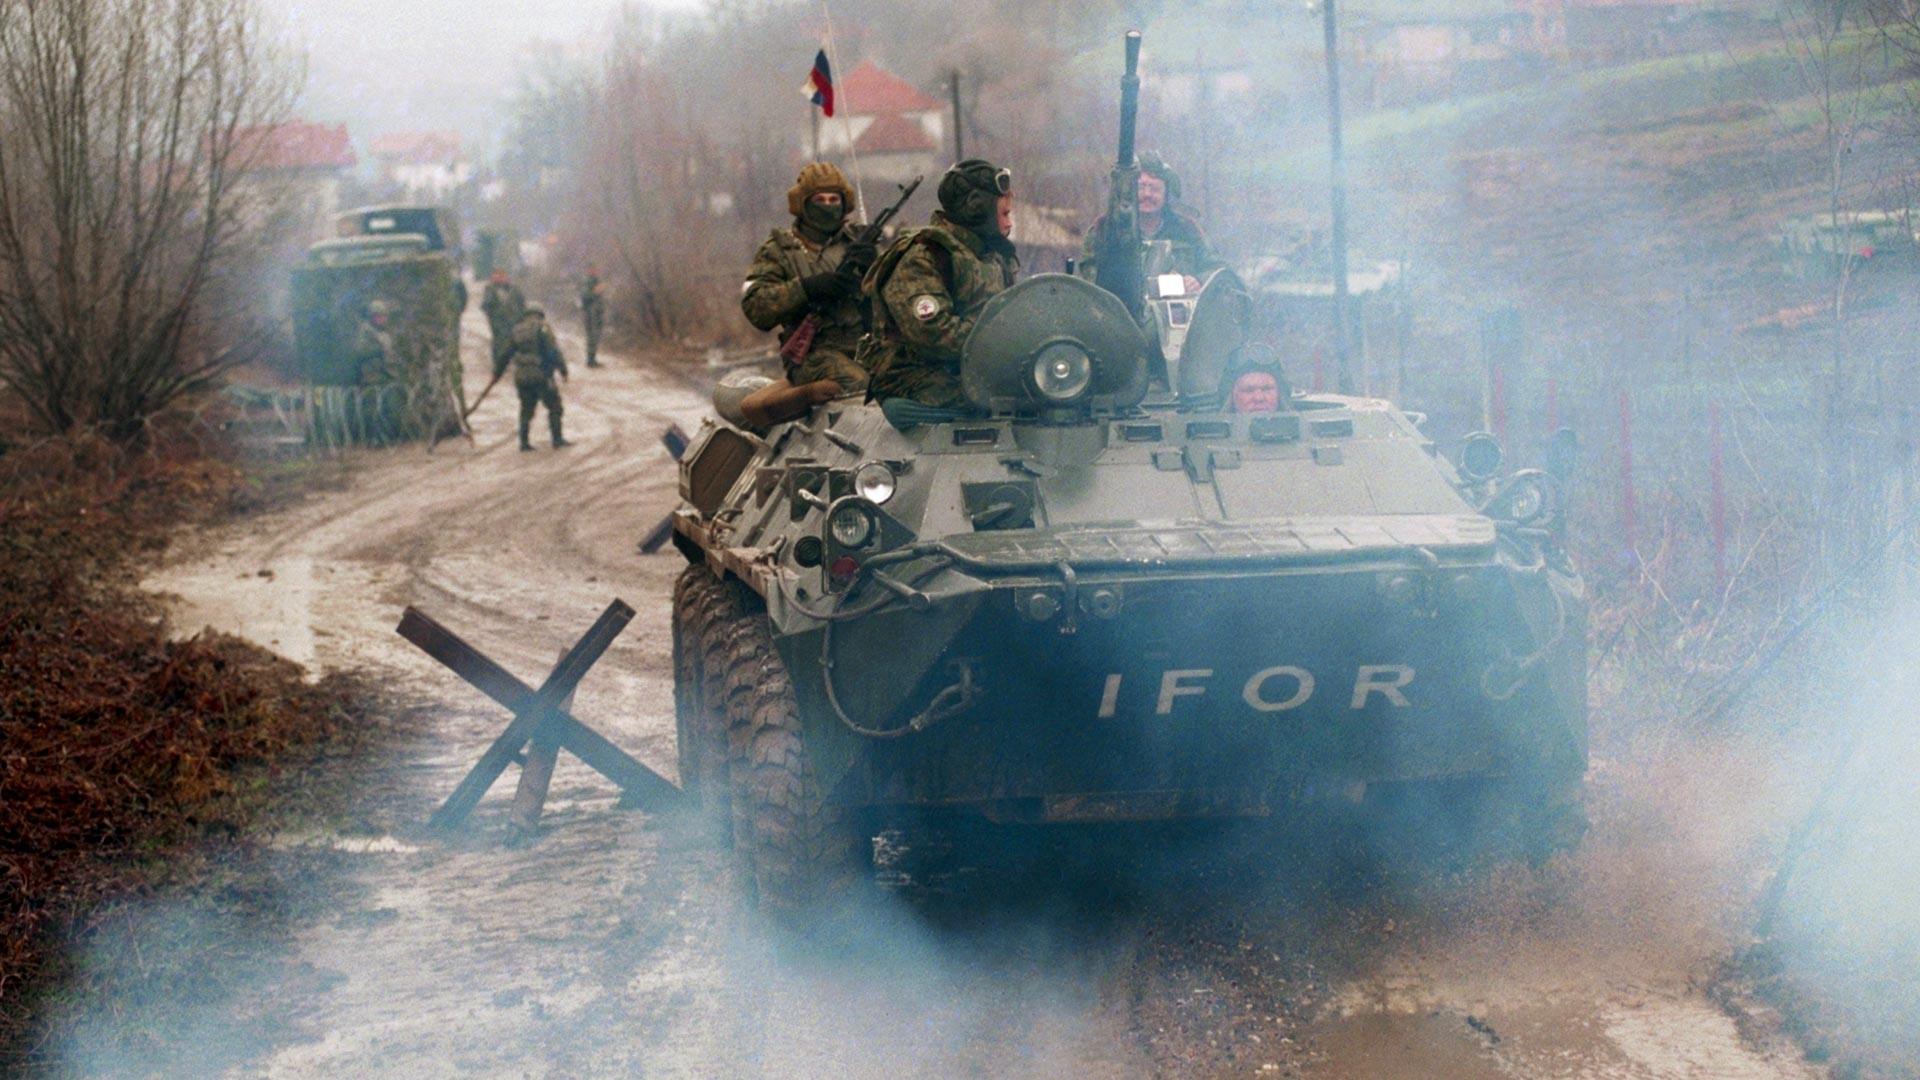 Босна и Херцеговина. 22 април 1996 г. Патрул на псковски десантчици от руската миротворческа бригада